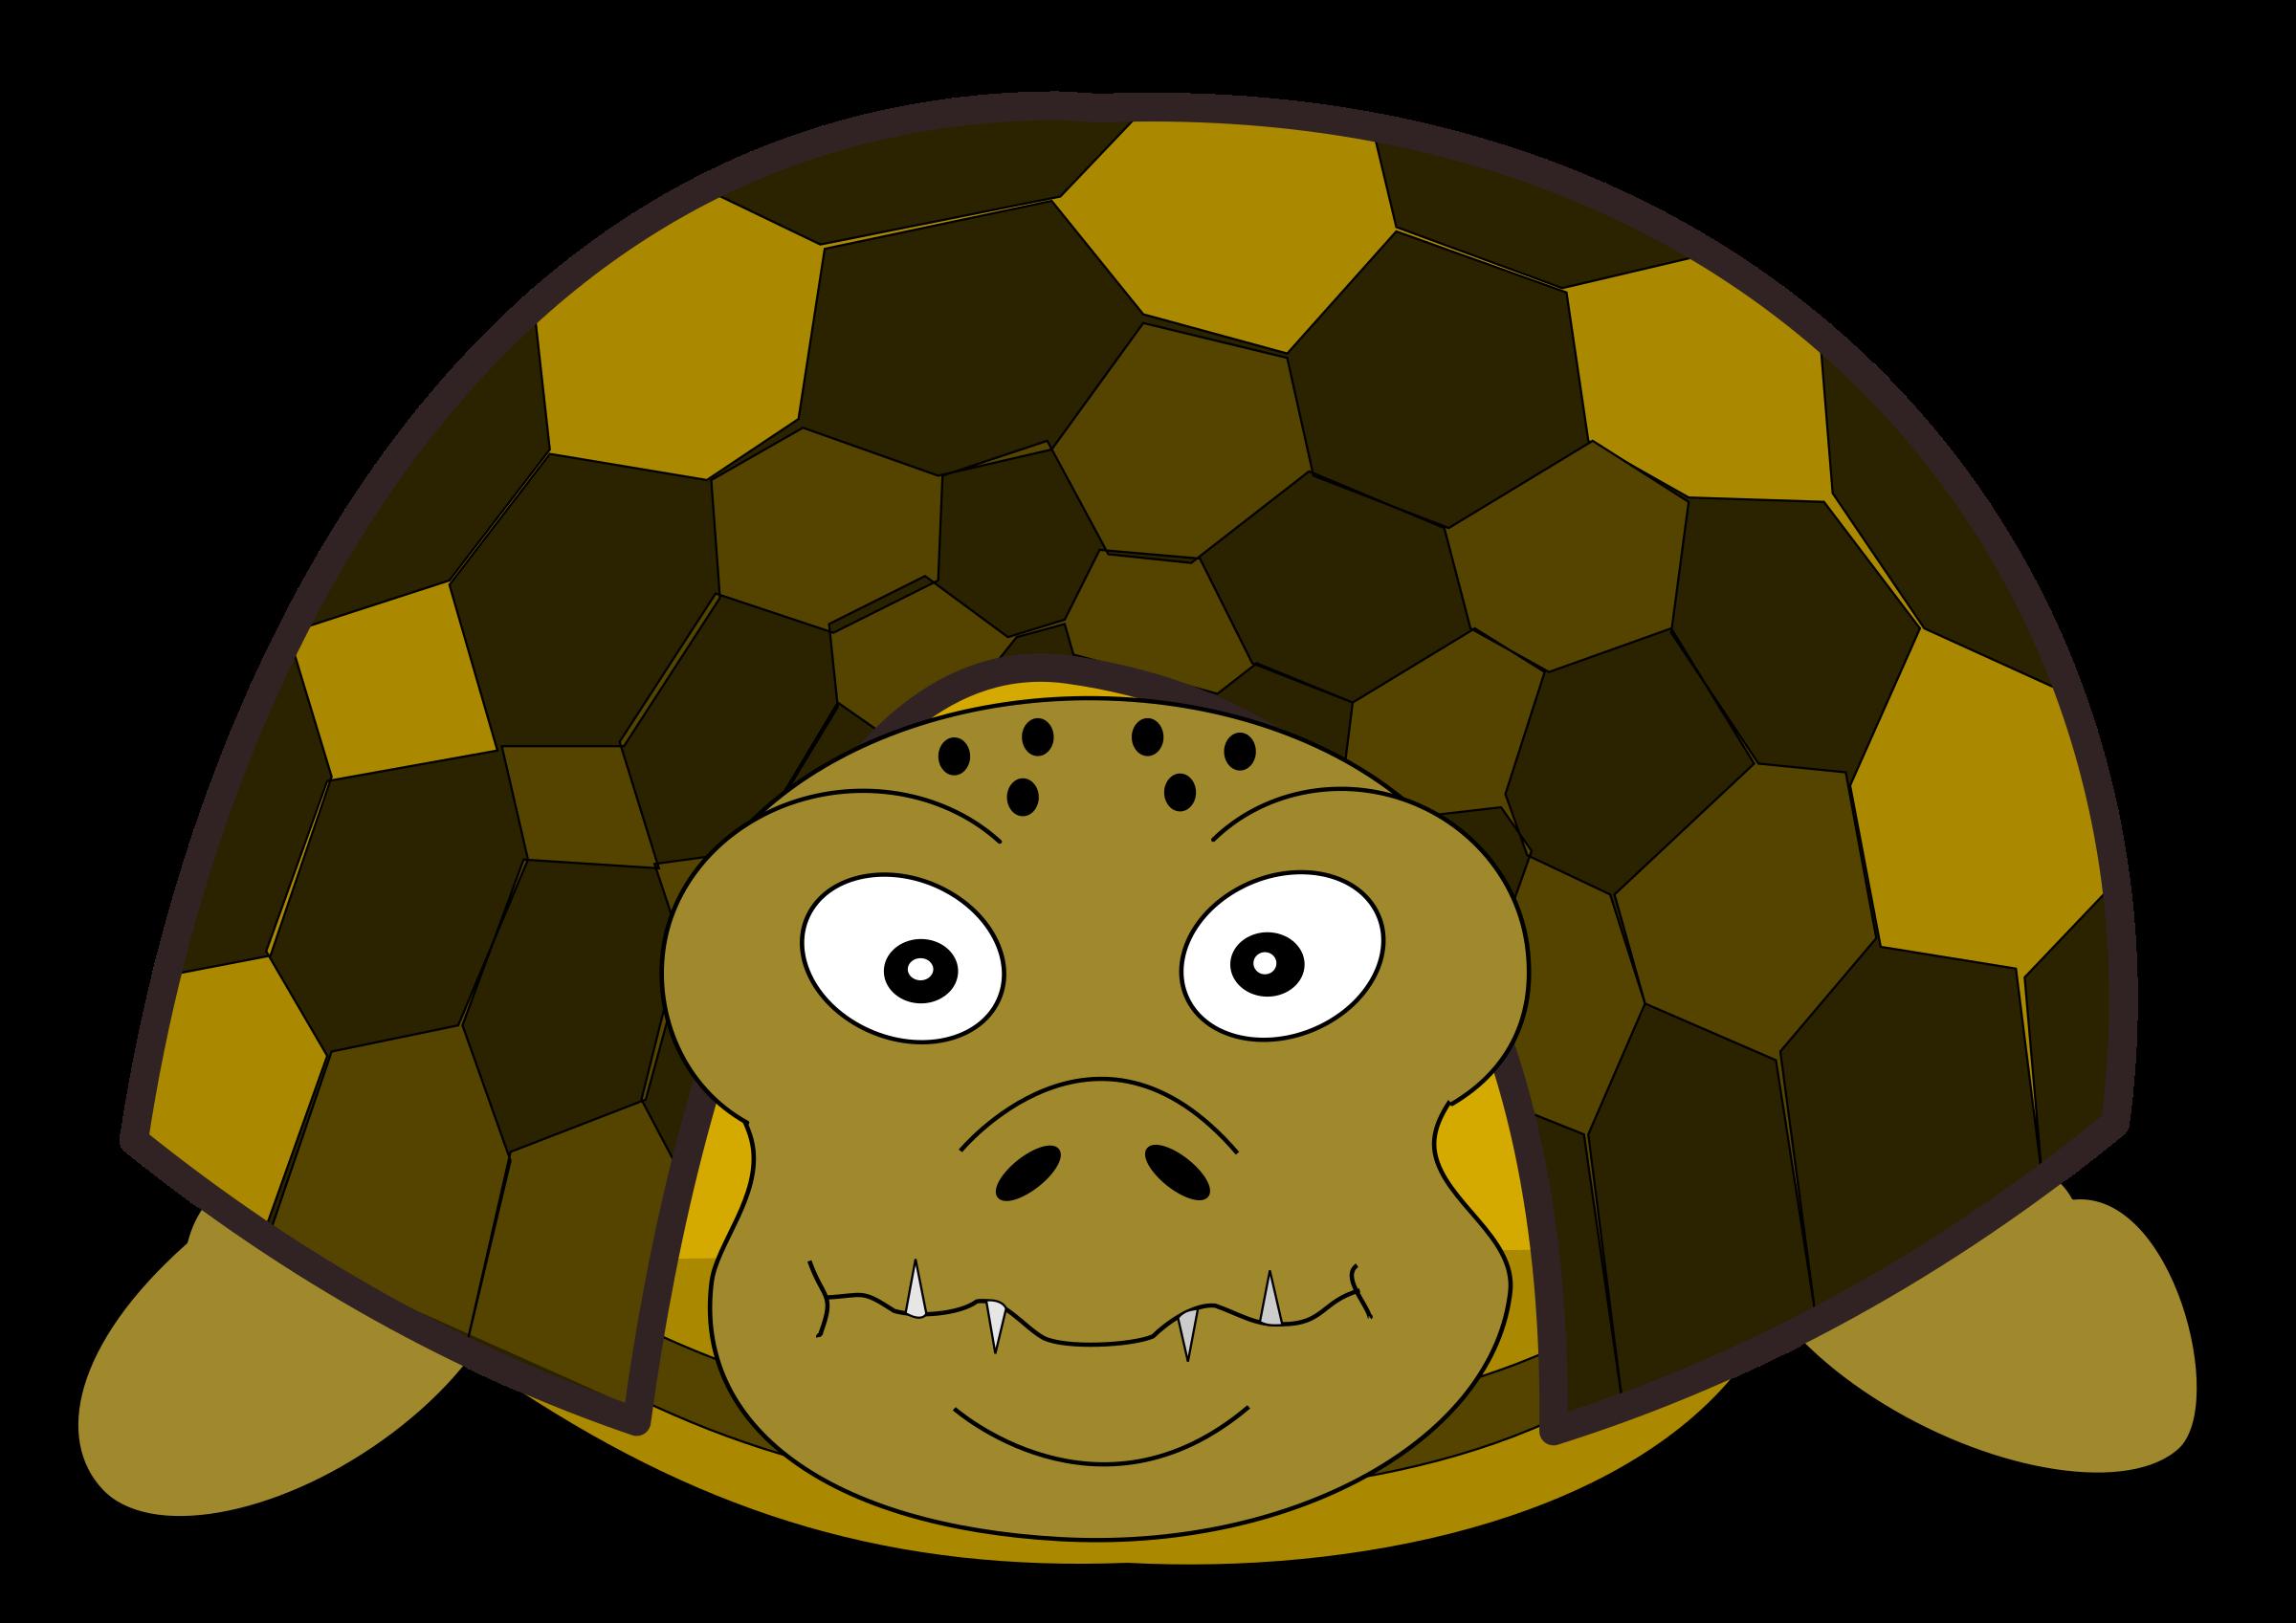 clipart turtle tutle